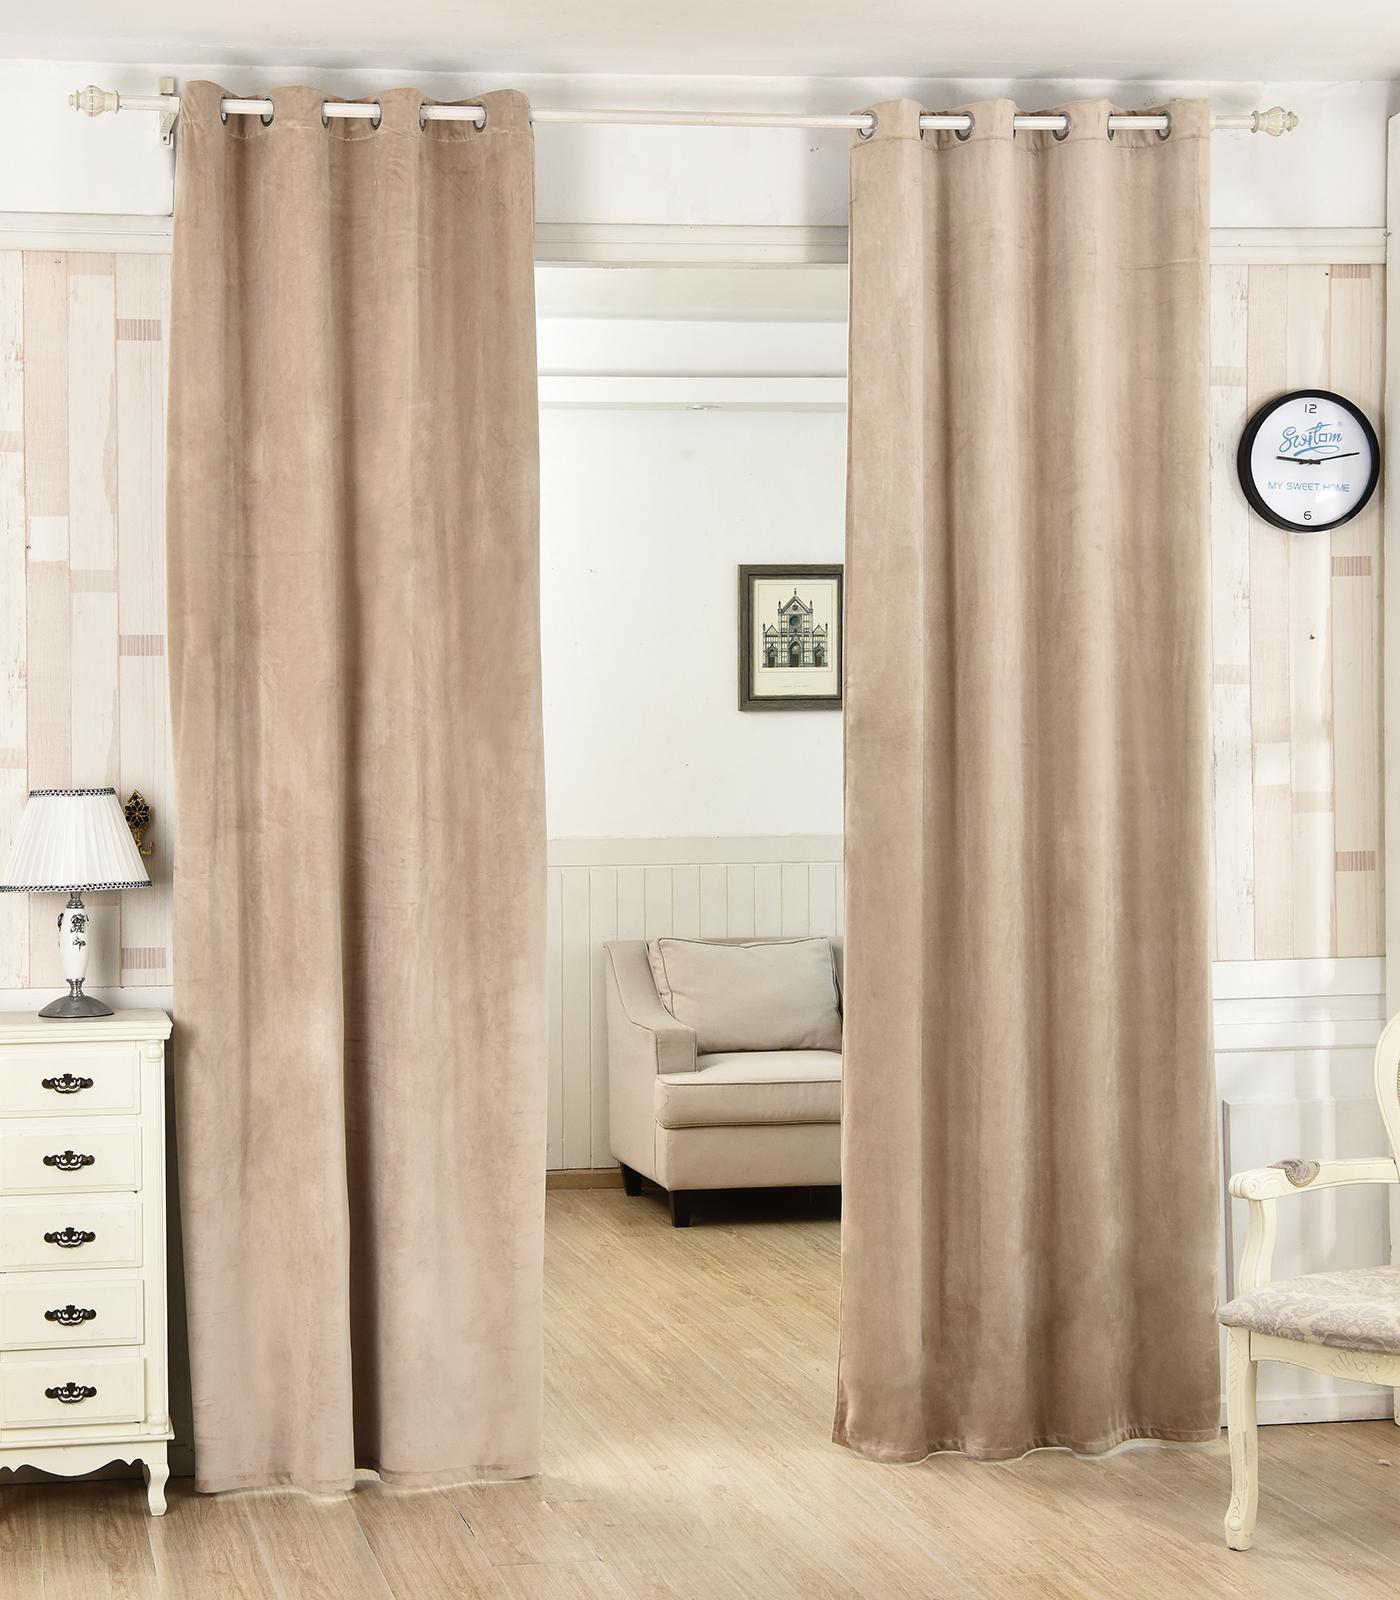 2er set gardinen thermovorhang blickdicht sen beflockt 135x175 khaki vh5873kk 2 ebay. Black Bedroom Furniture Sets. Home Design Ideas